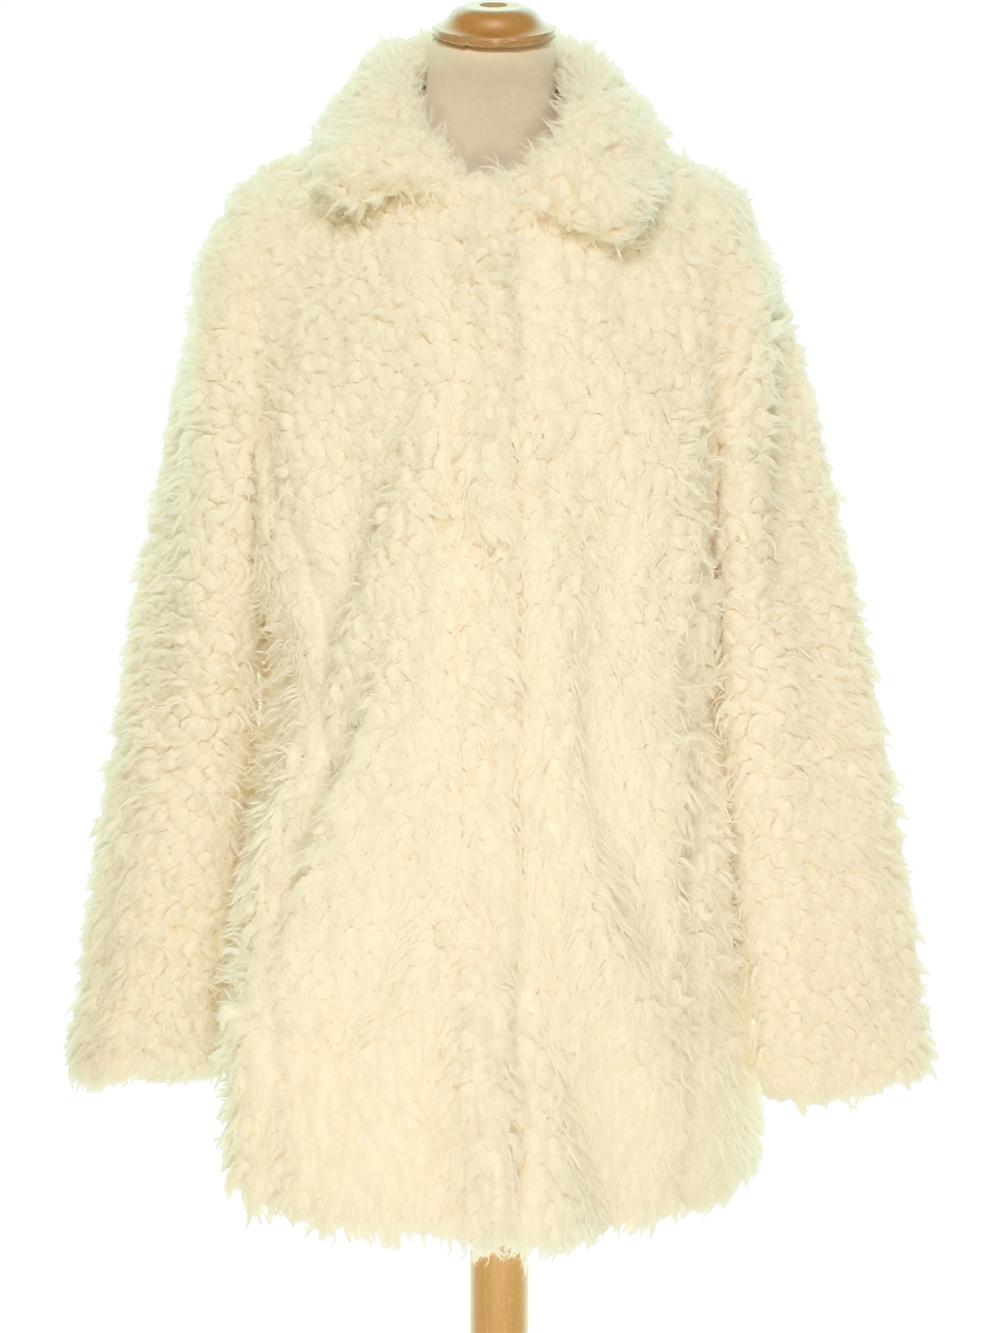 Royaume-Uni disponibilité dbf7b 7007d Manteau Femme C&A 42 (L - T2) pas cher, 8.99 € - #1236248